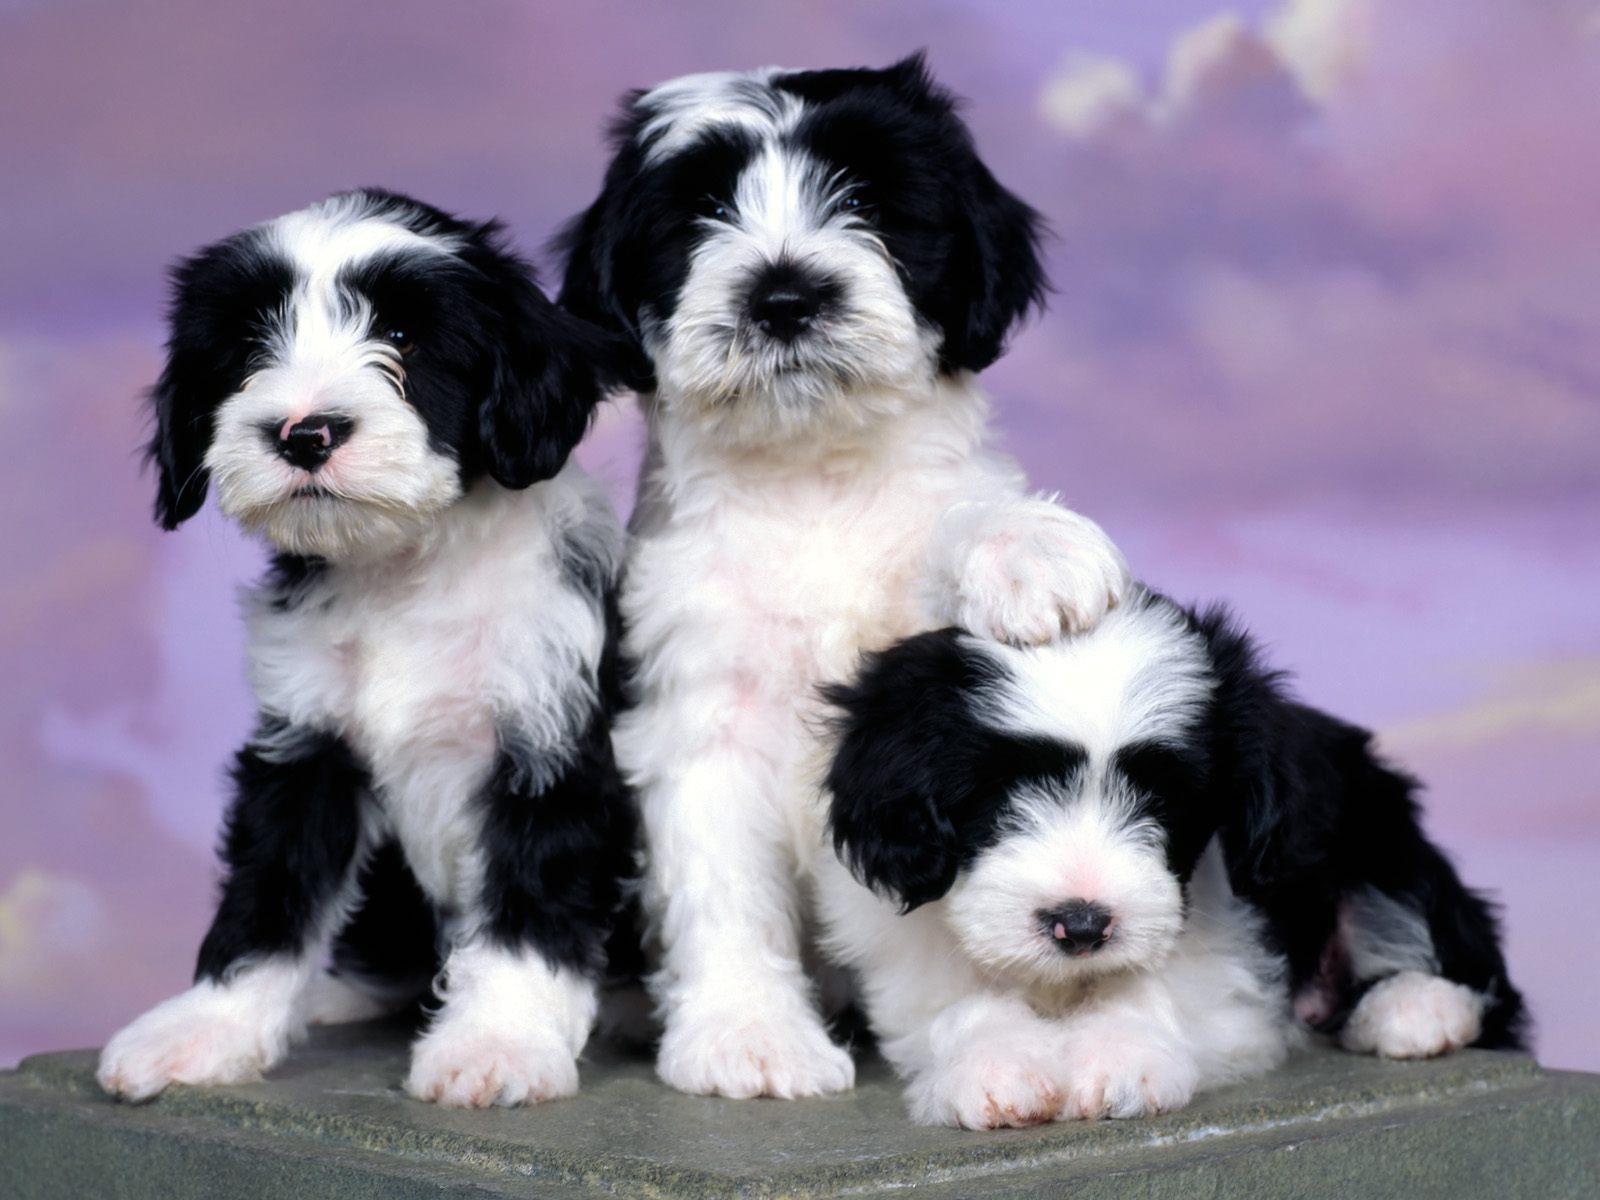 adopter-un-chiot-mignon-gratuit-4